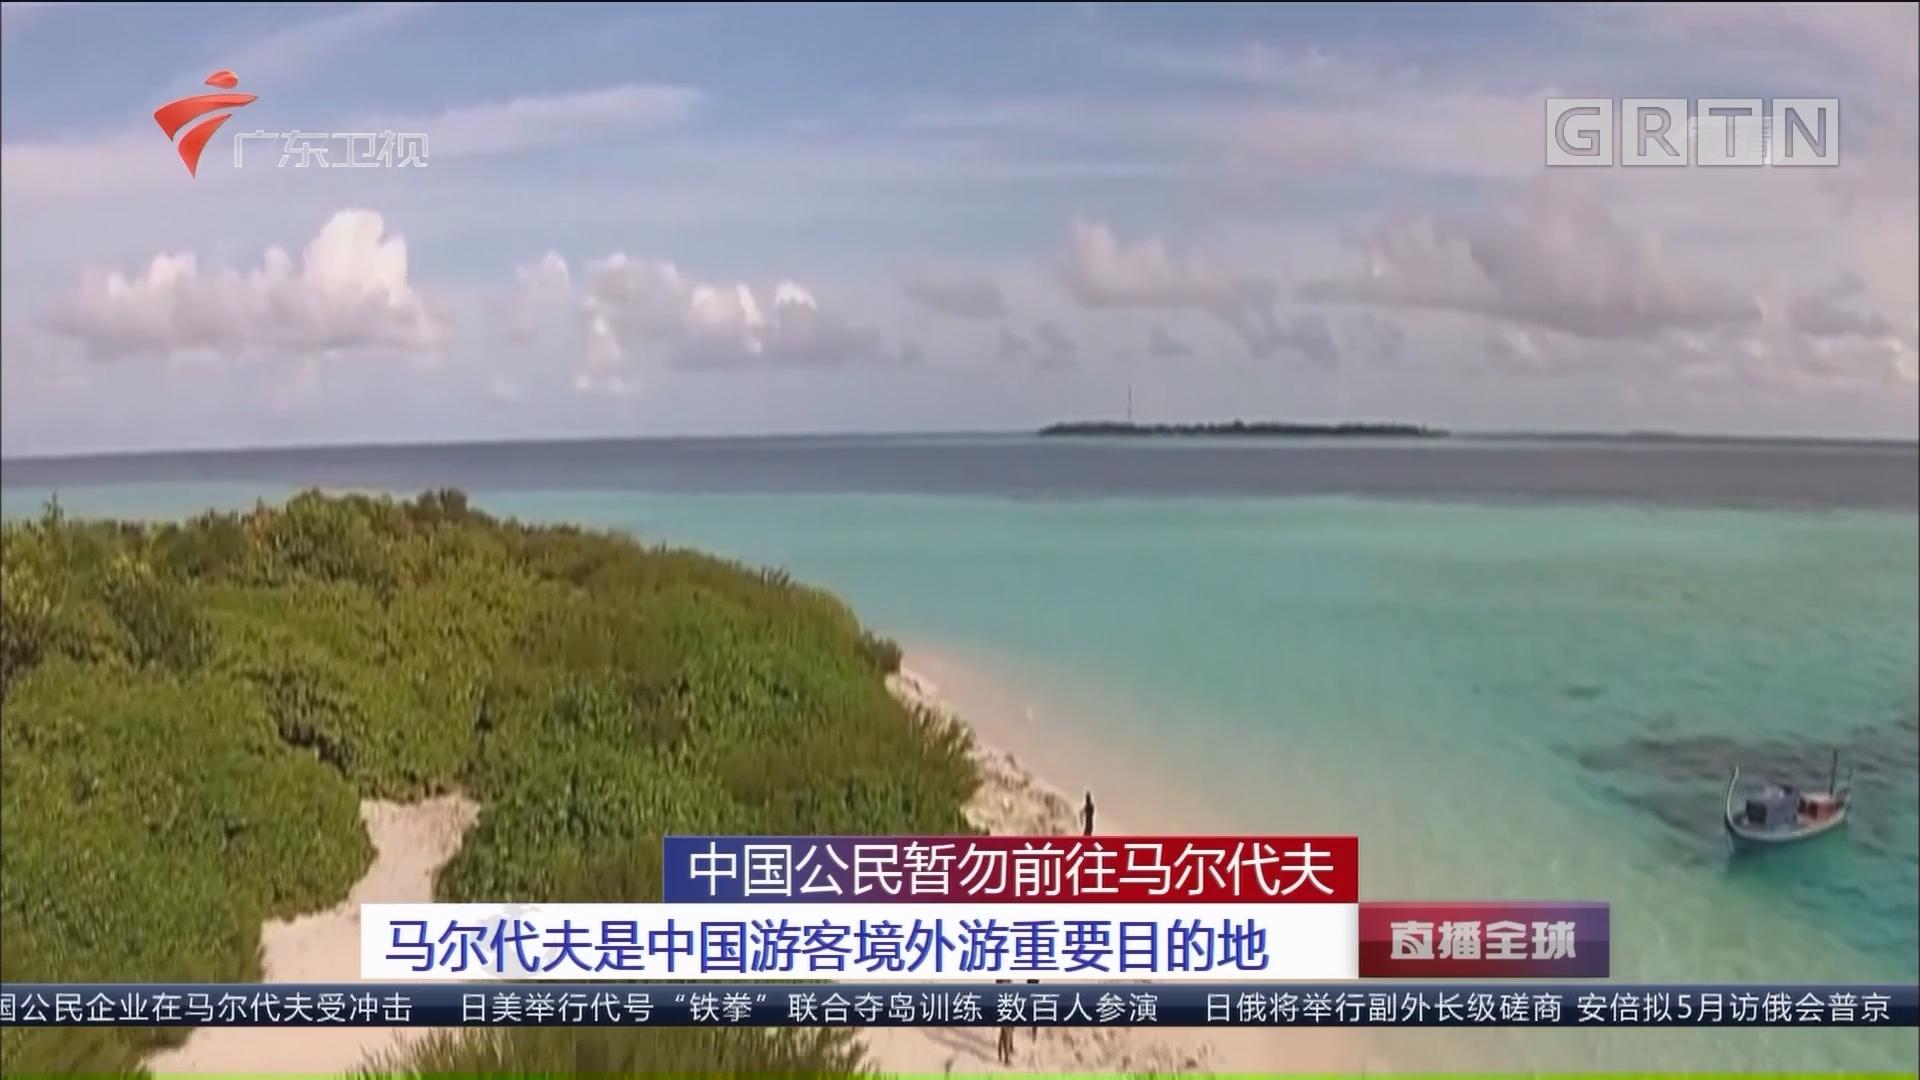 中国公民暂勿前往马尔代夫:马尔代夫是中国游客境外游重要目的地